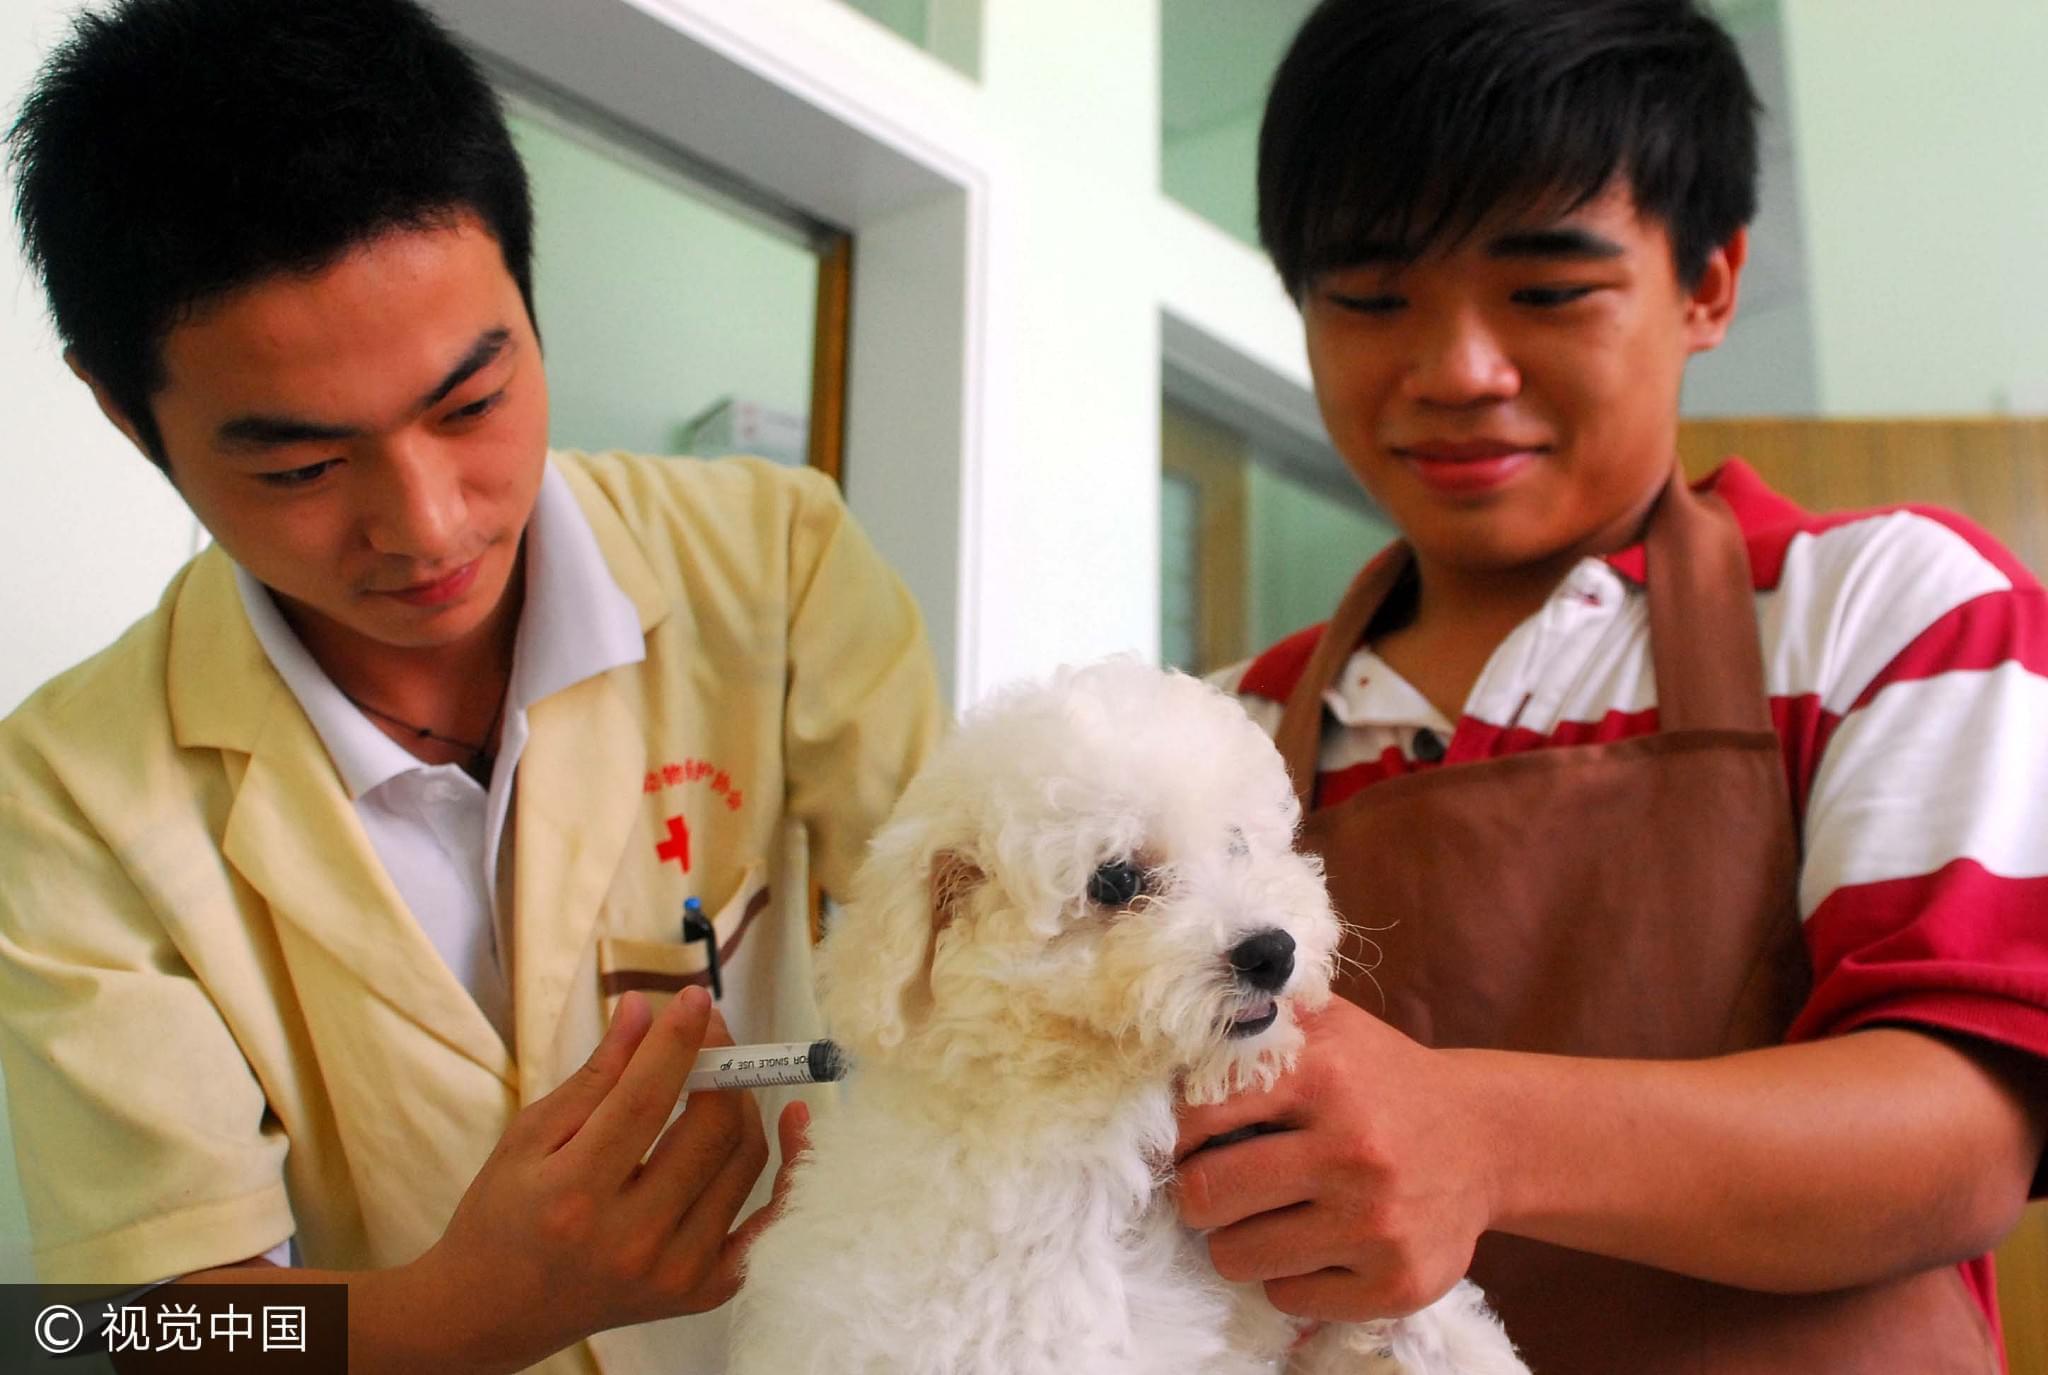 2008年7月11日,海南省小动物保护协会宠物医院,医生在给一只宠物狗注射狂犬病疫苗/视觉中国